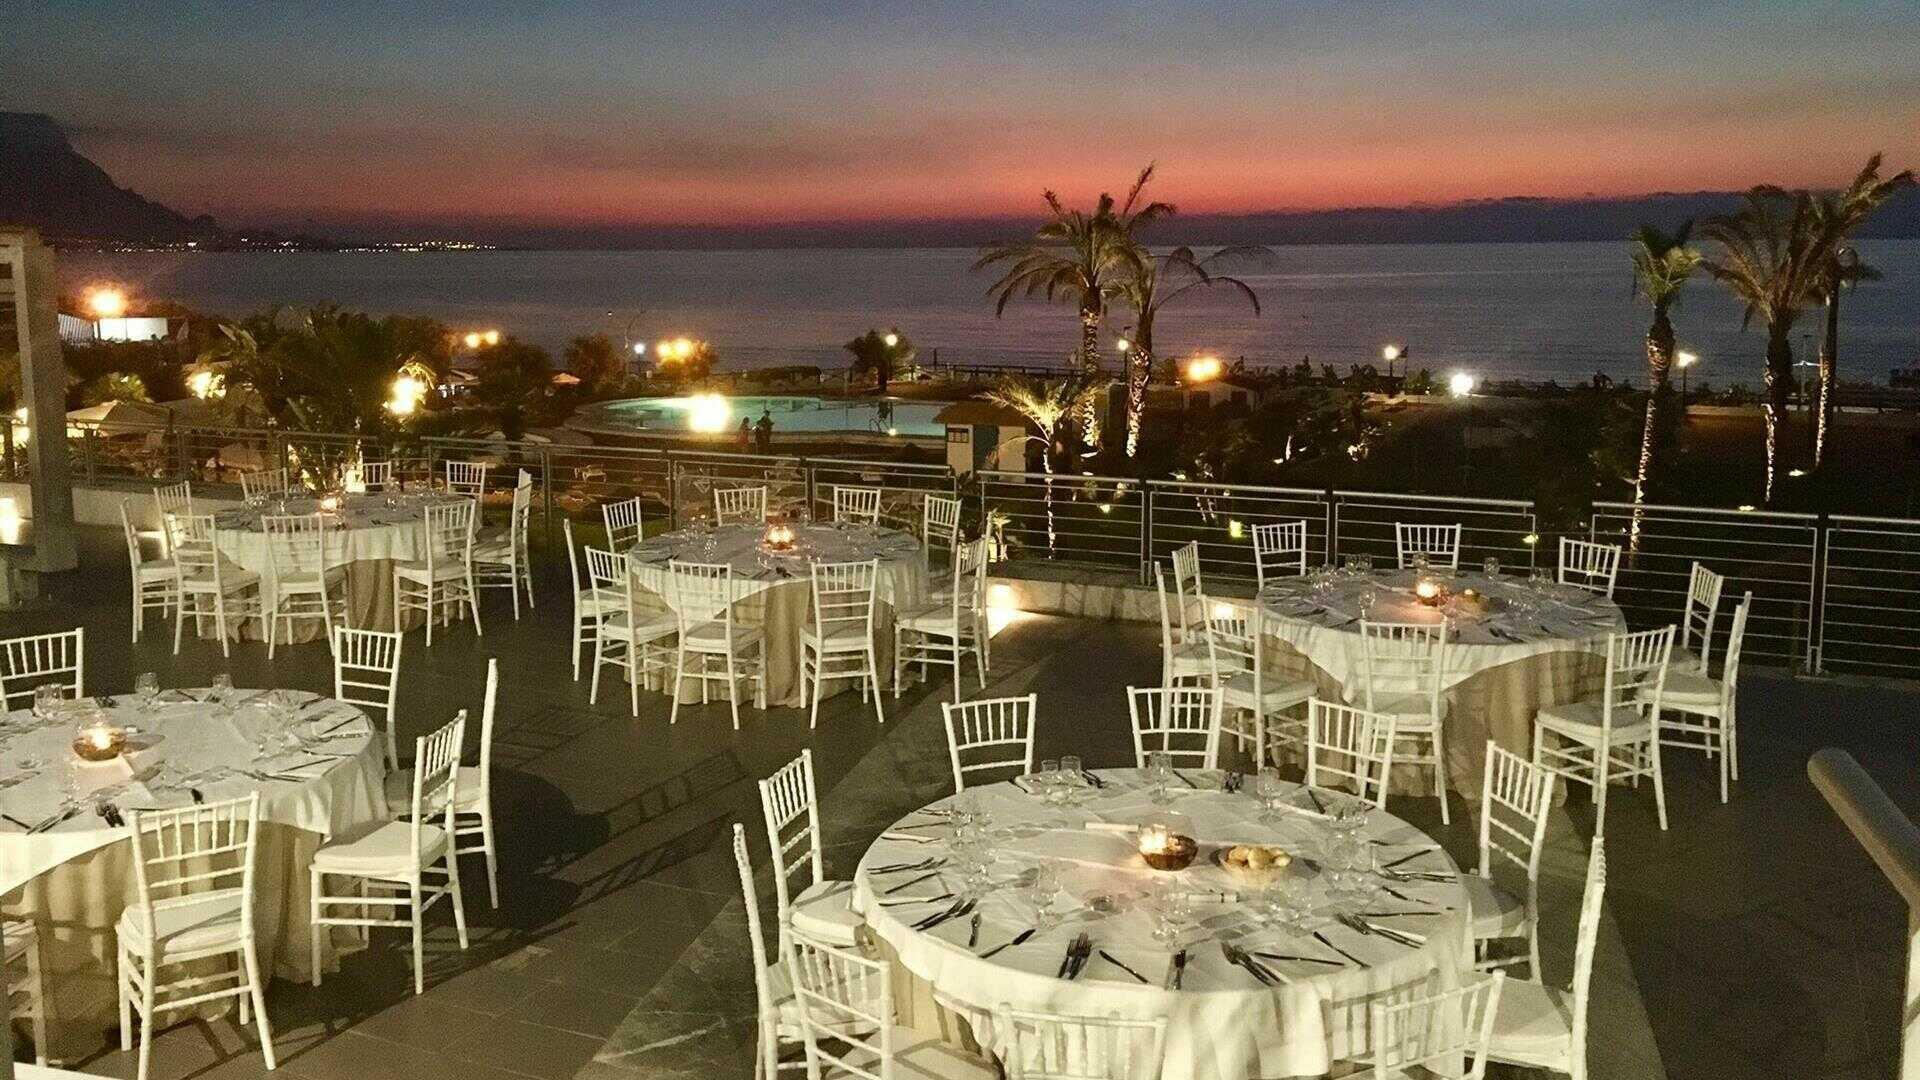 Matrimonio Sulla Spiaggia Economico : Occhiali da sole per matrimonio in spiaggia b look